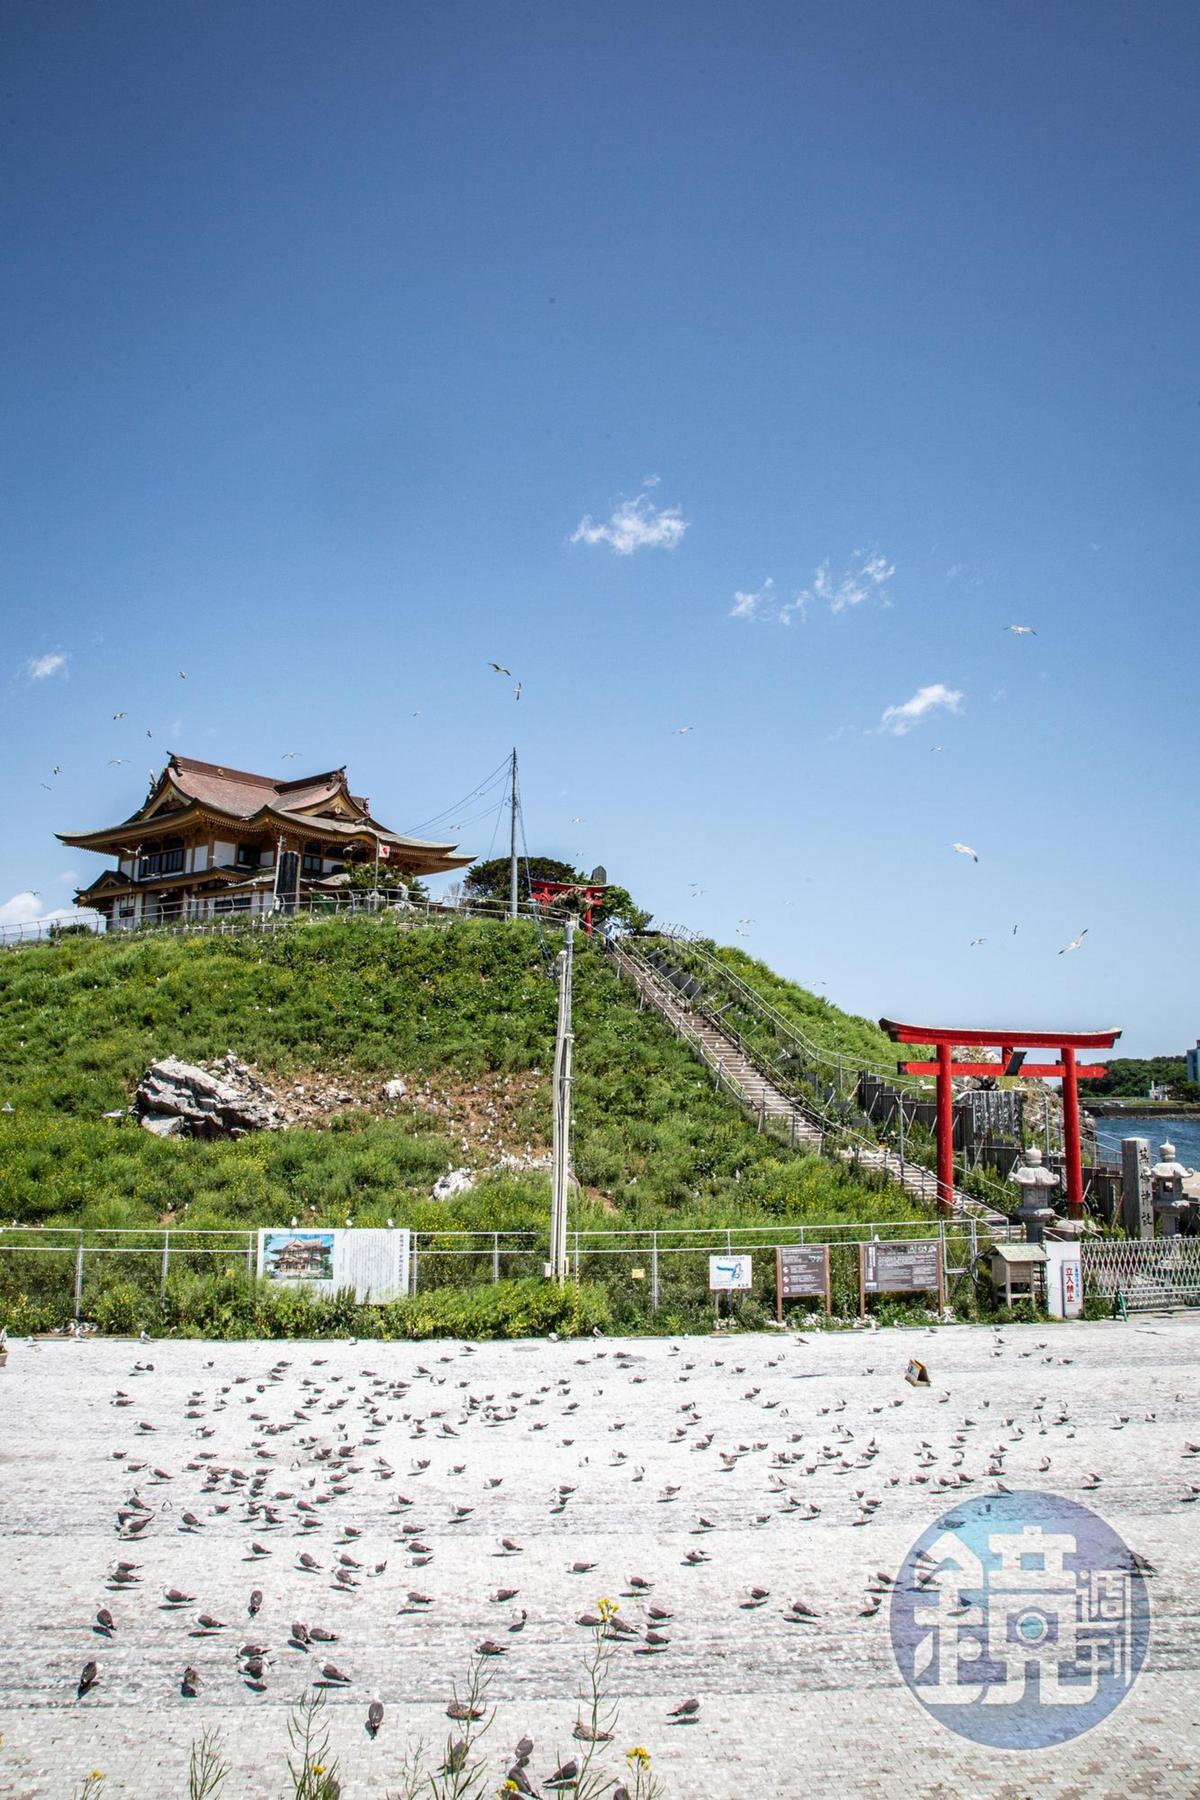 適逢產卵季,蕪嶋神社幾乎被黑尾鷗包圍。